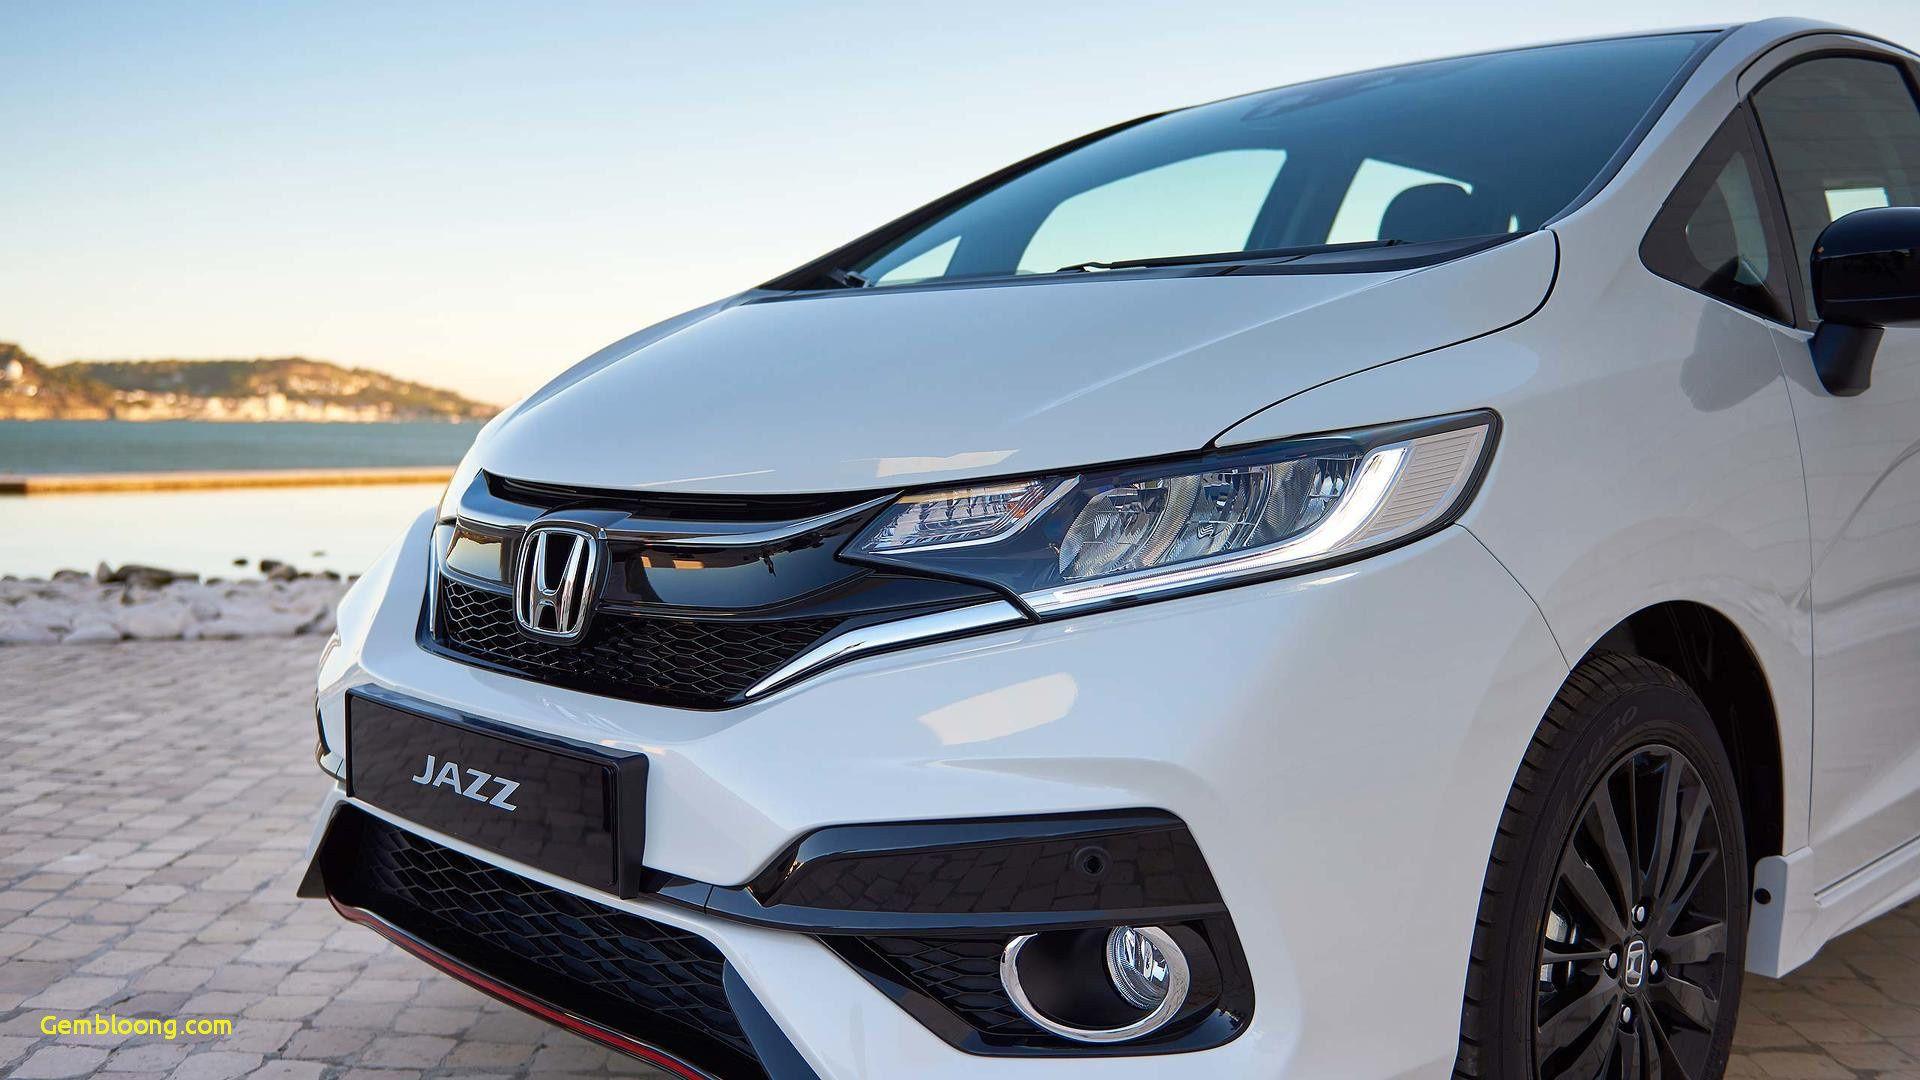 2018 Honda Fit Auto Show 2020 Honda Fit 2020 Honda Fit